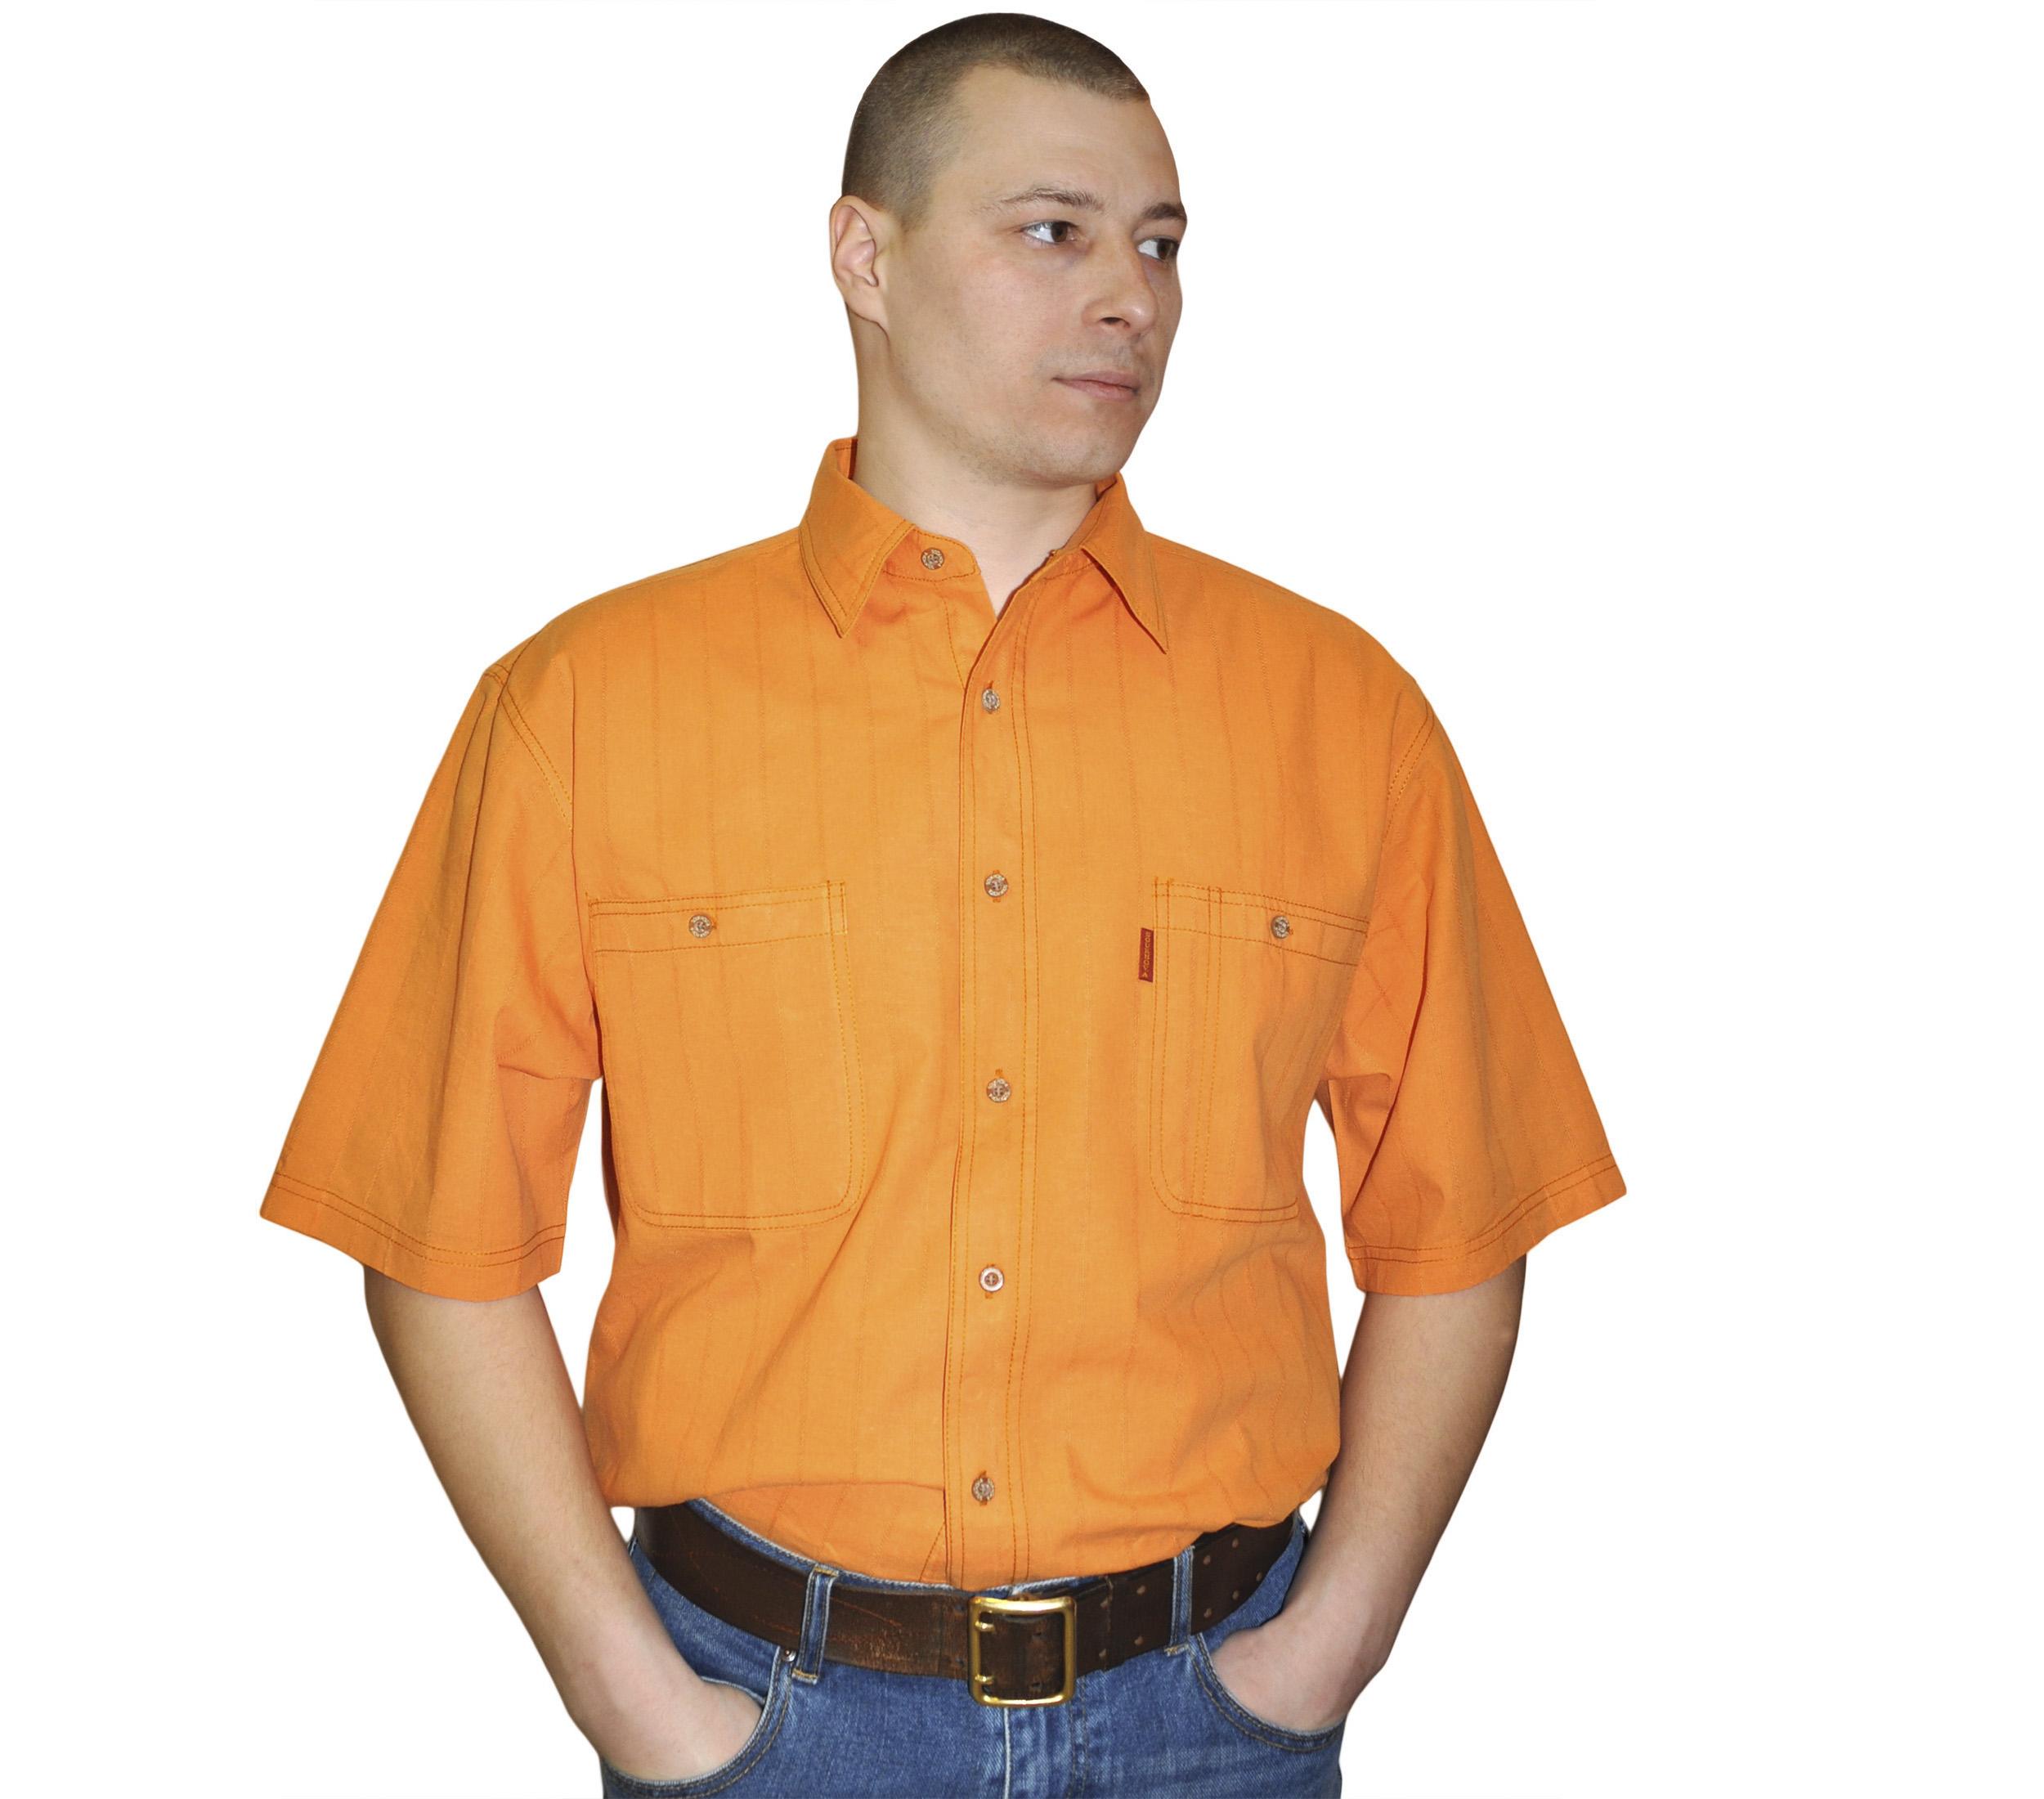 Рубашка с коротким рукавом оранжевого цвета. Размер от 46-48